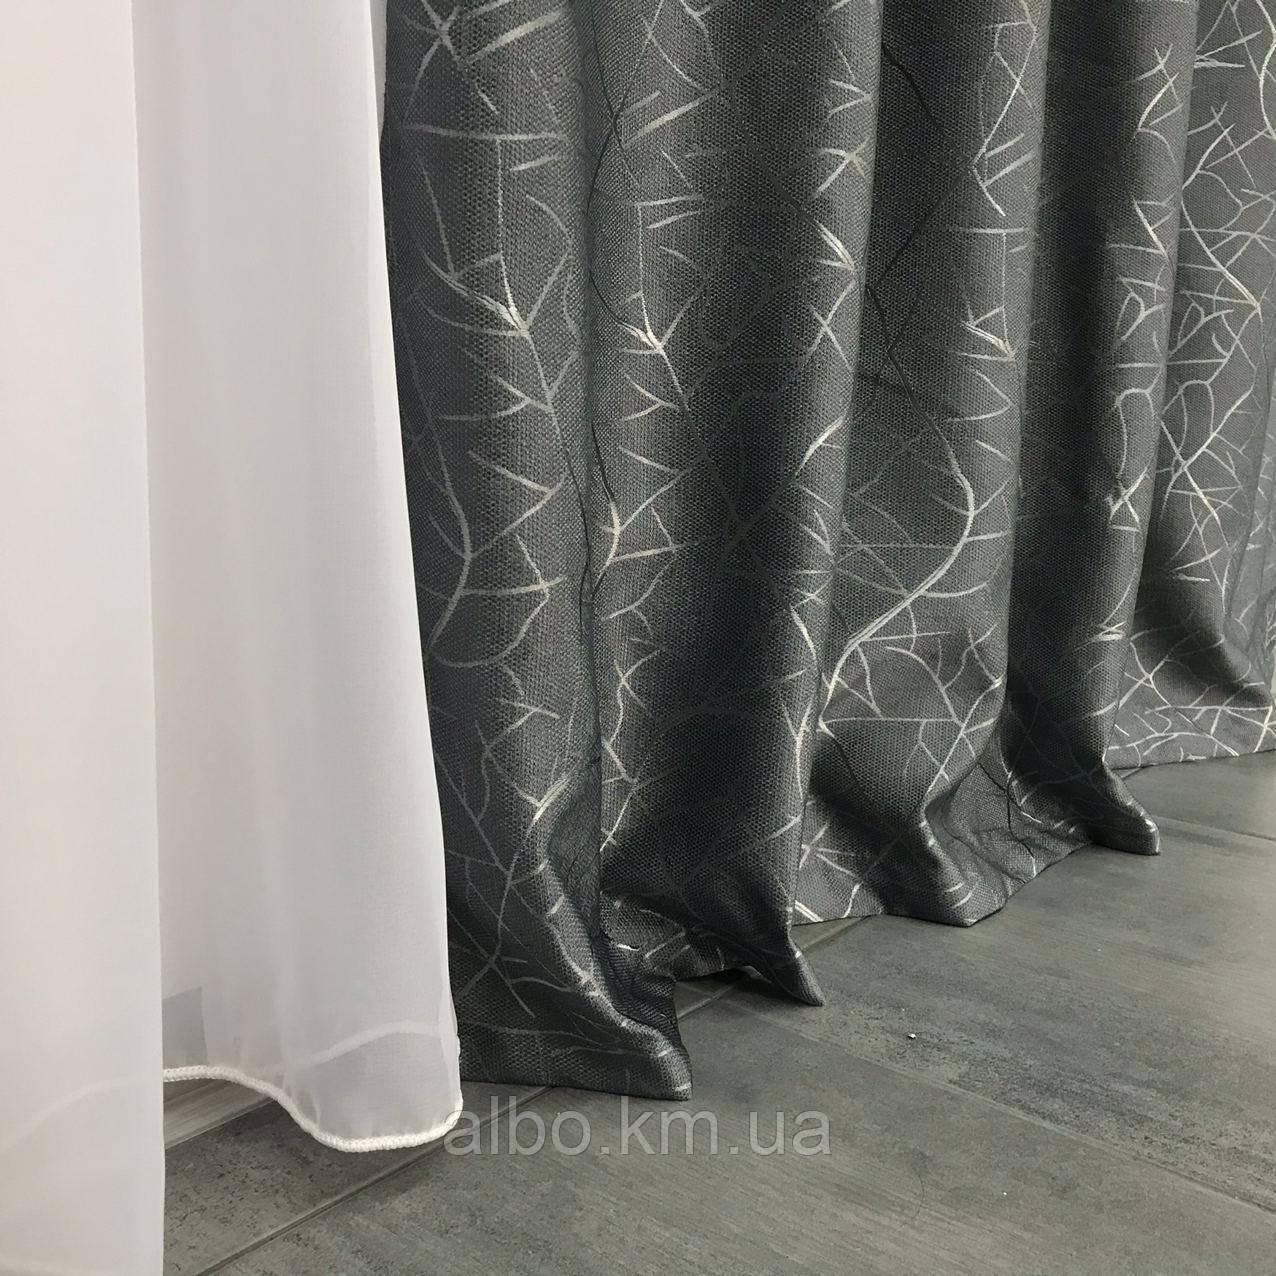 Шторы в спальню из льна Блэкаут ALBO 150x270 cm (2 шт) Темно-серые (SH-M17-12)